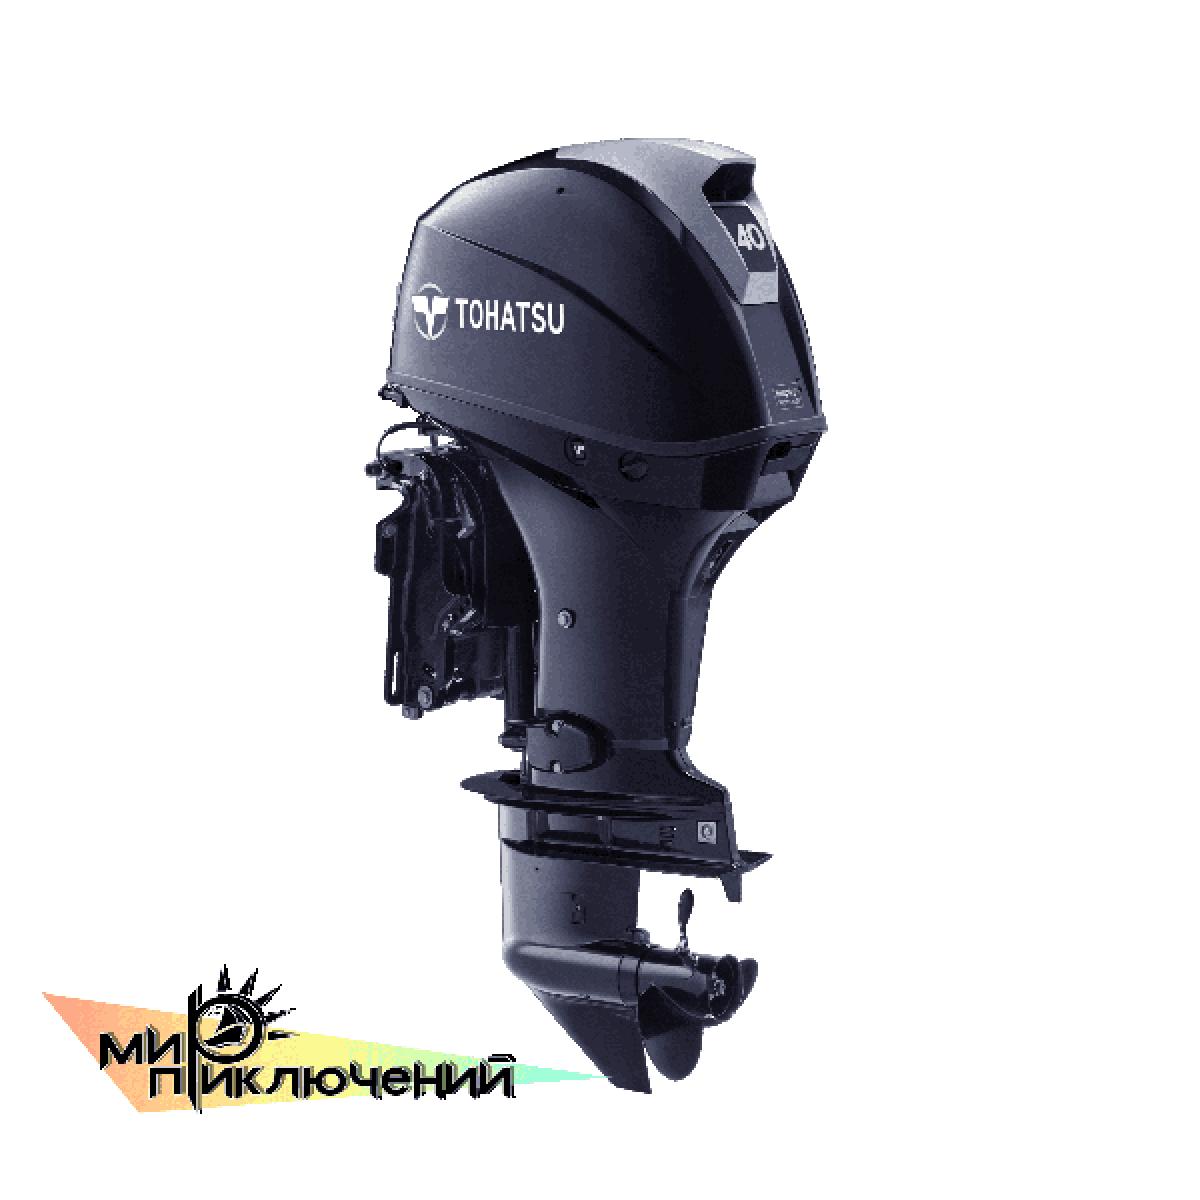 Tohatsu MFS 40 ETL, 4 х тактный подвесной лодочный мотор Тохатсу 40 л с